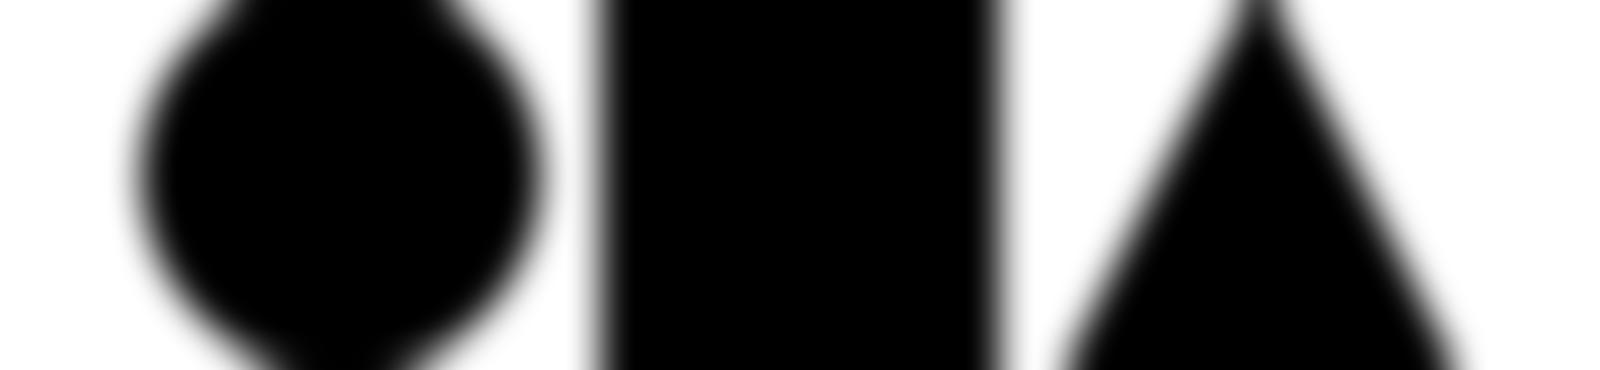 Blurred 37d81e14 890a 488f 965b 31d3d08a5dc2